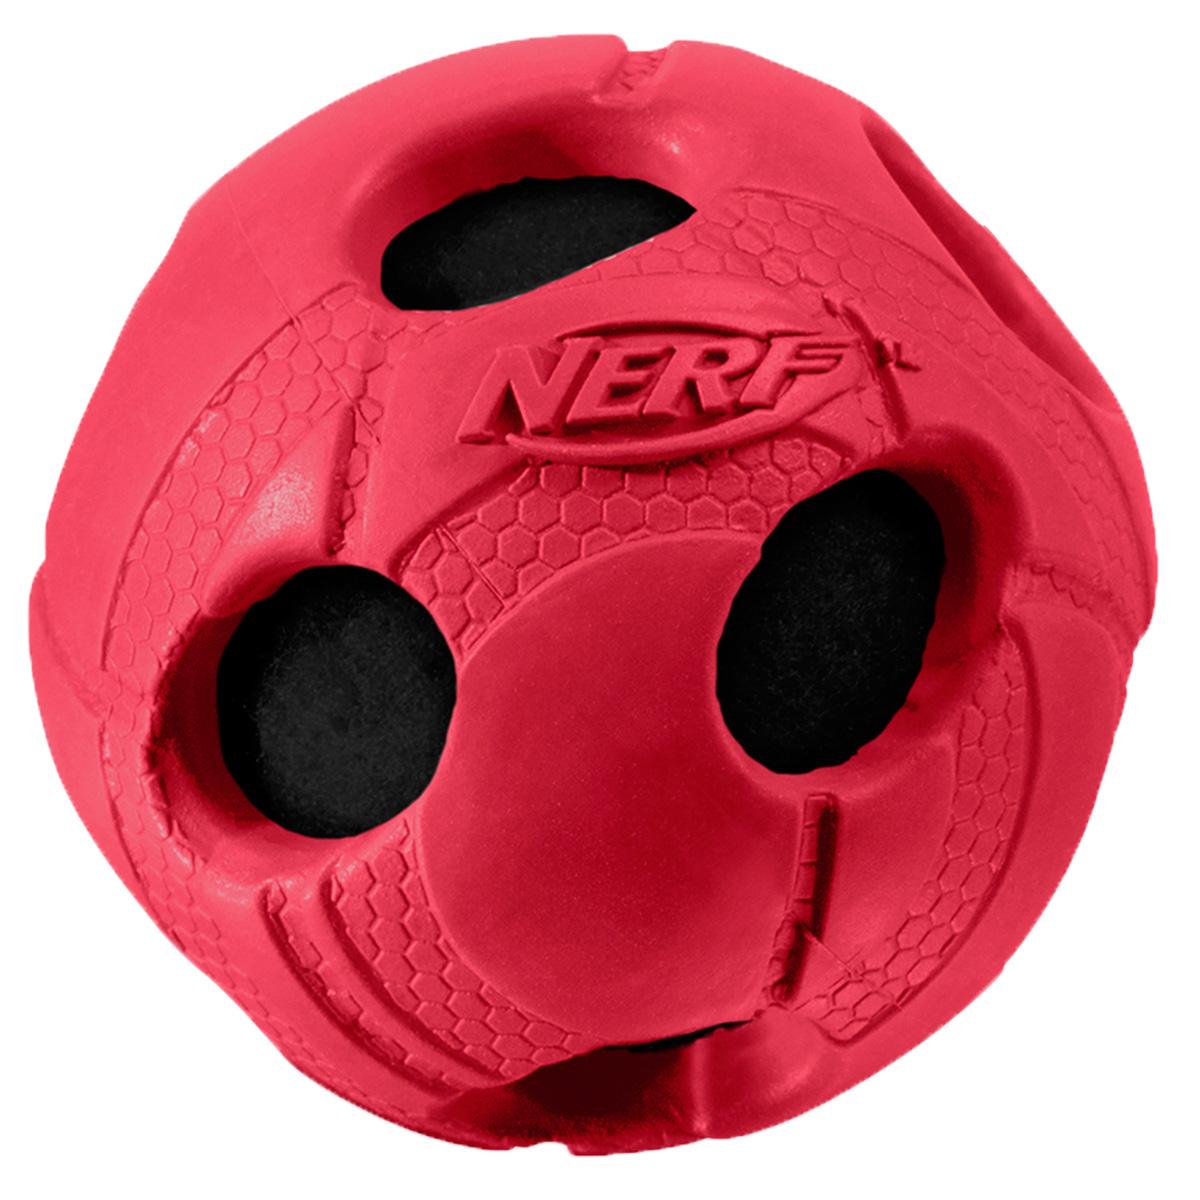 Игрушка для собак Nerf Мяч, с отверстиями, цвет: красный, 5 см22262Мяч Nerf из прочной резины с теннисным мячом внутри.Высококачественные прочные материалы, из которых изготовлена игрушка, обеспечивают долговечность использования.Звук мяча дополнительно увлекает собаку игрой.Мяч имеет яркие привлекательные цвета и рельефный рисунок.Размер XS: 5 см.